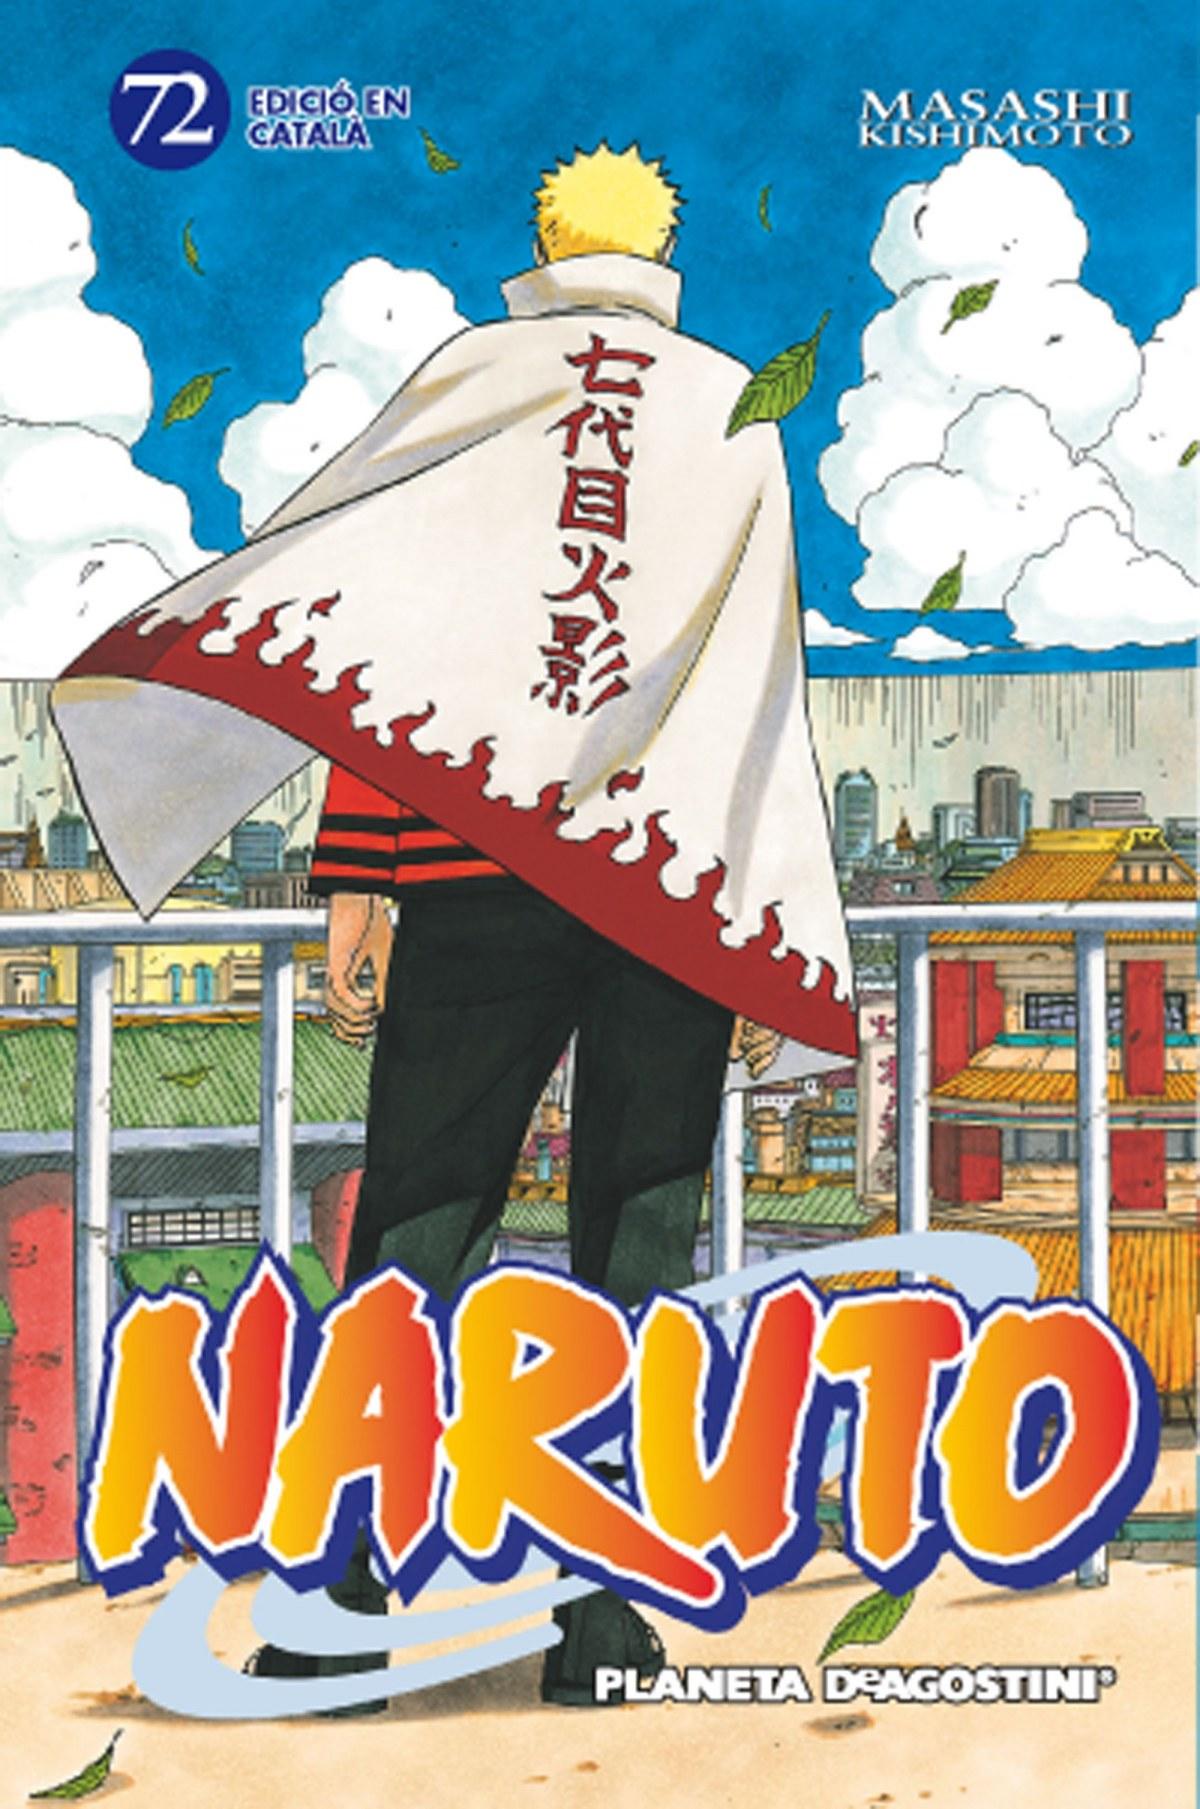 Naruto Català nº 72/72